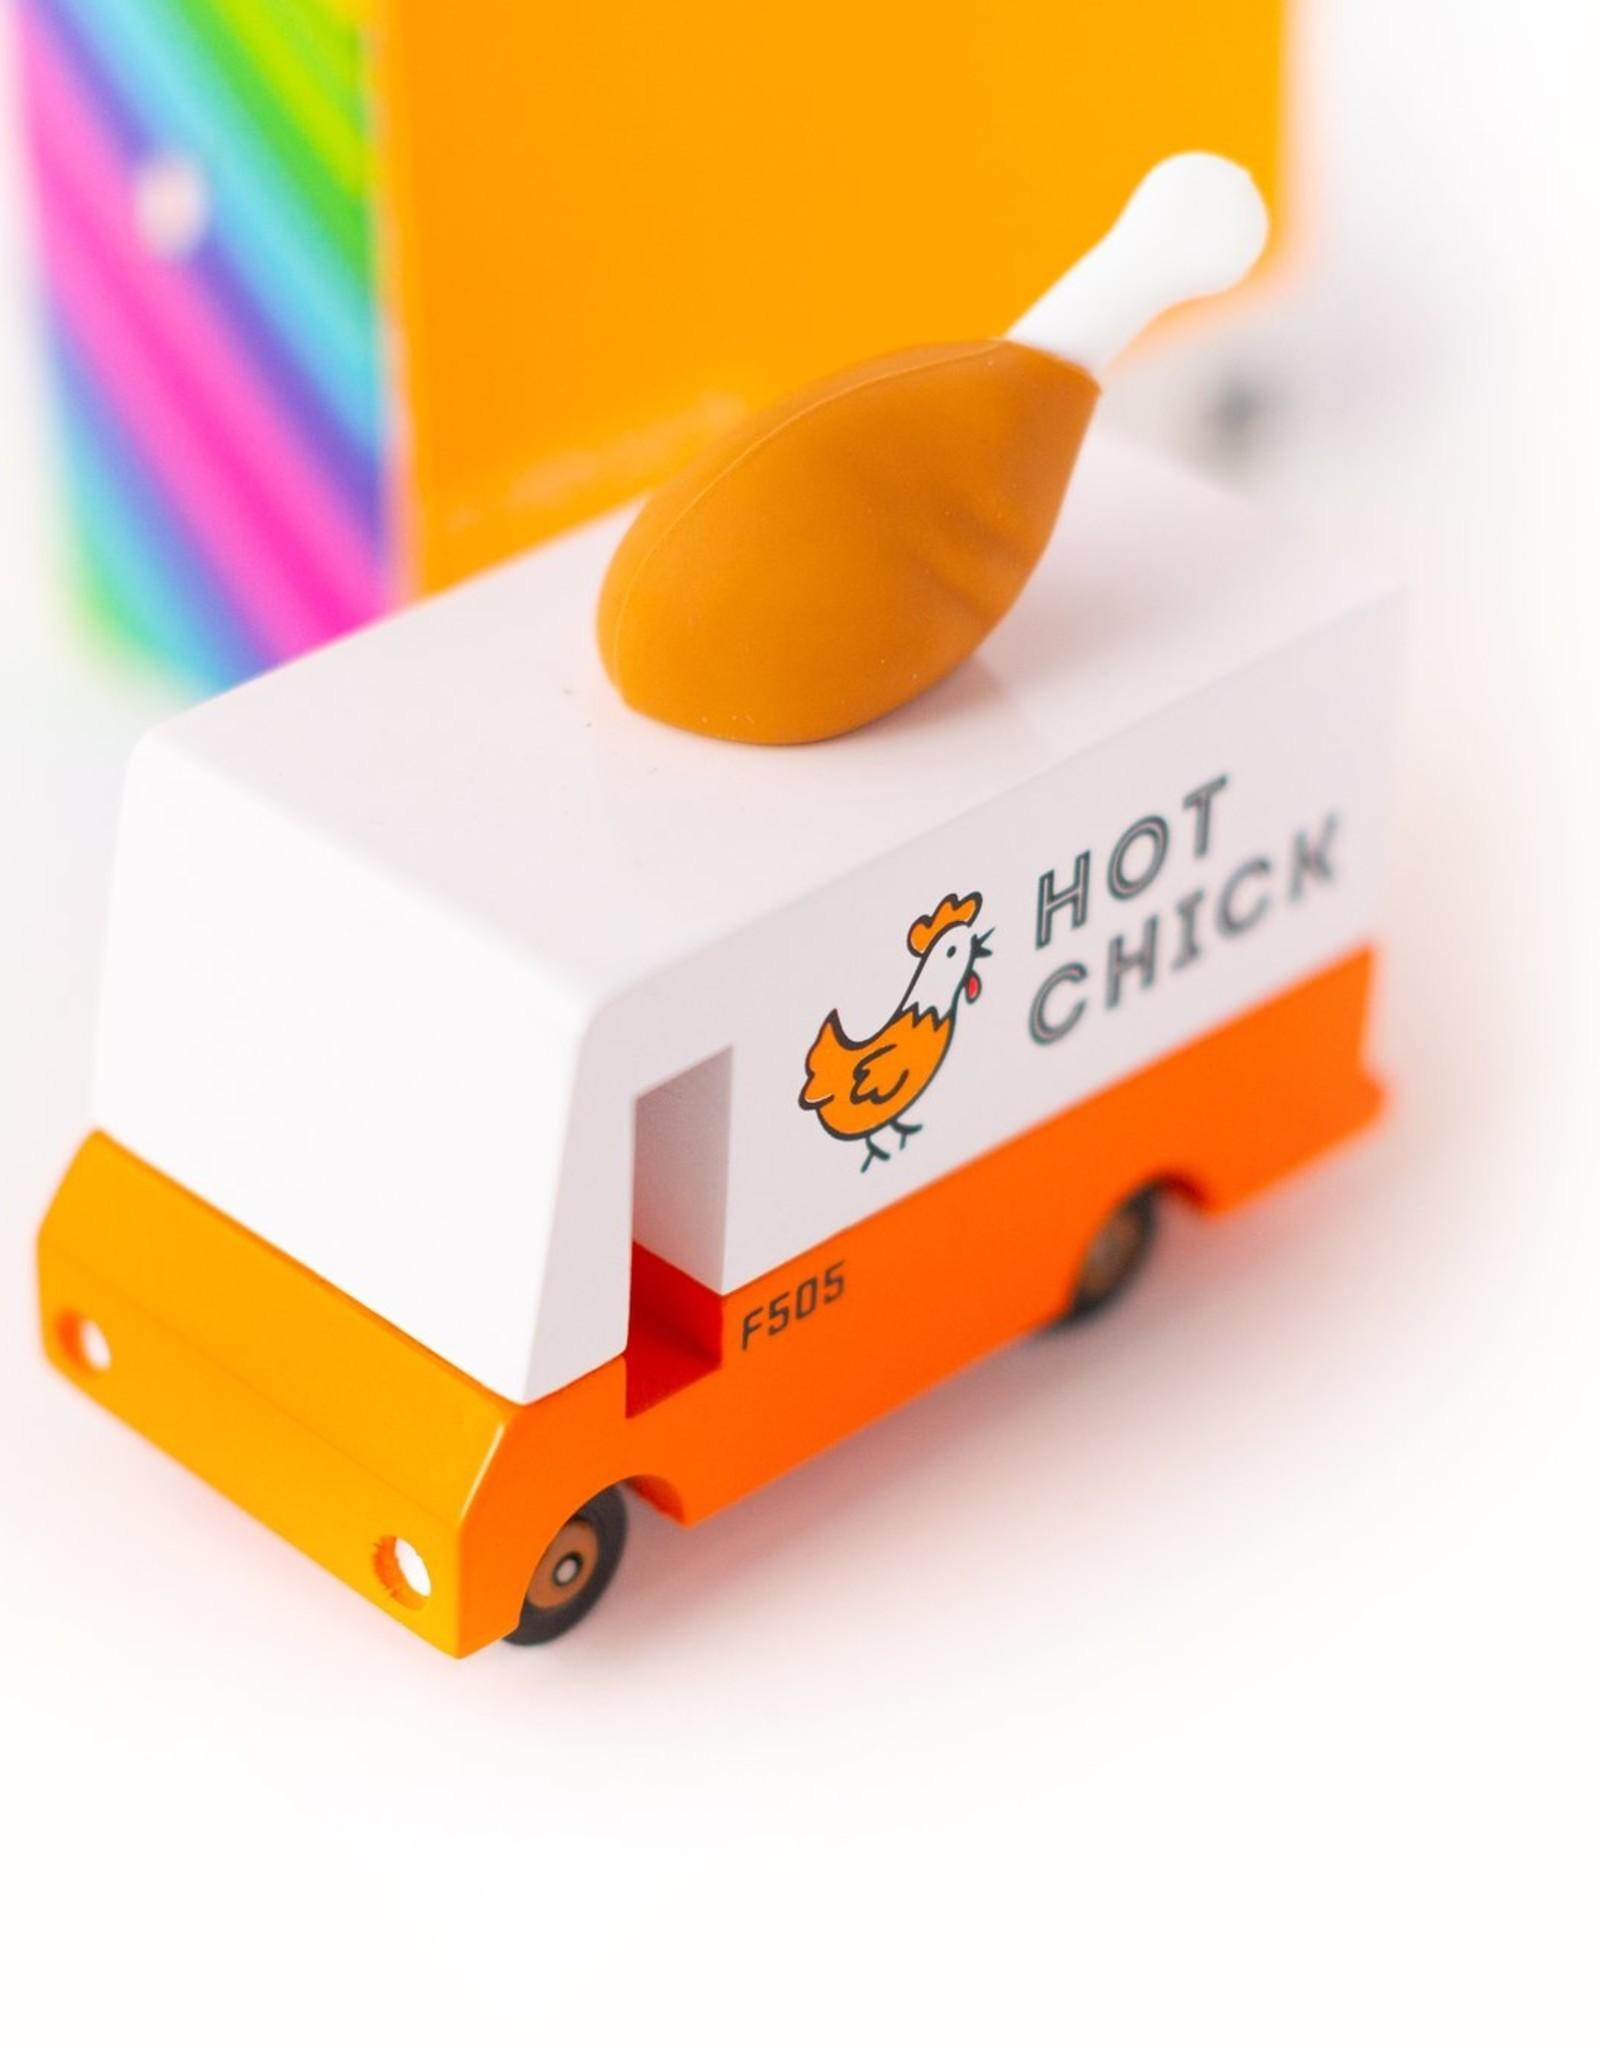 candylab Fried Chicken Van